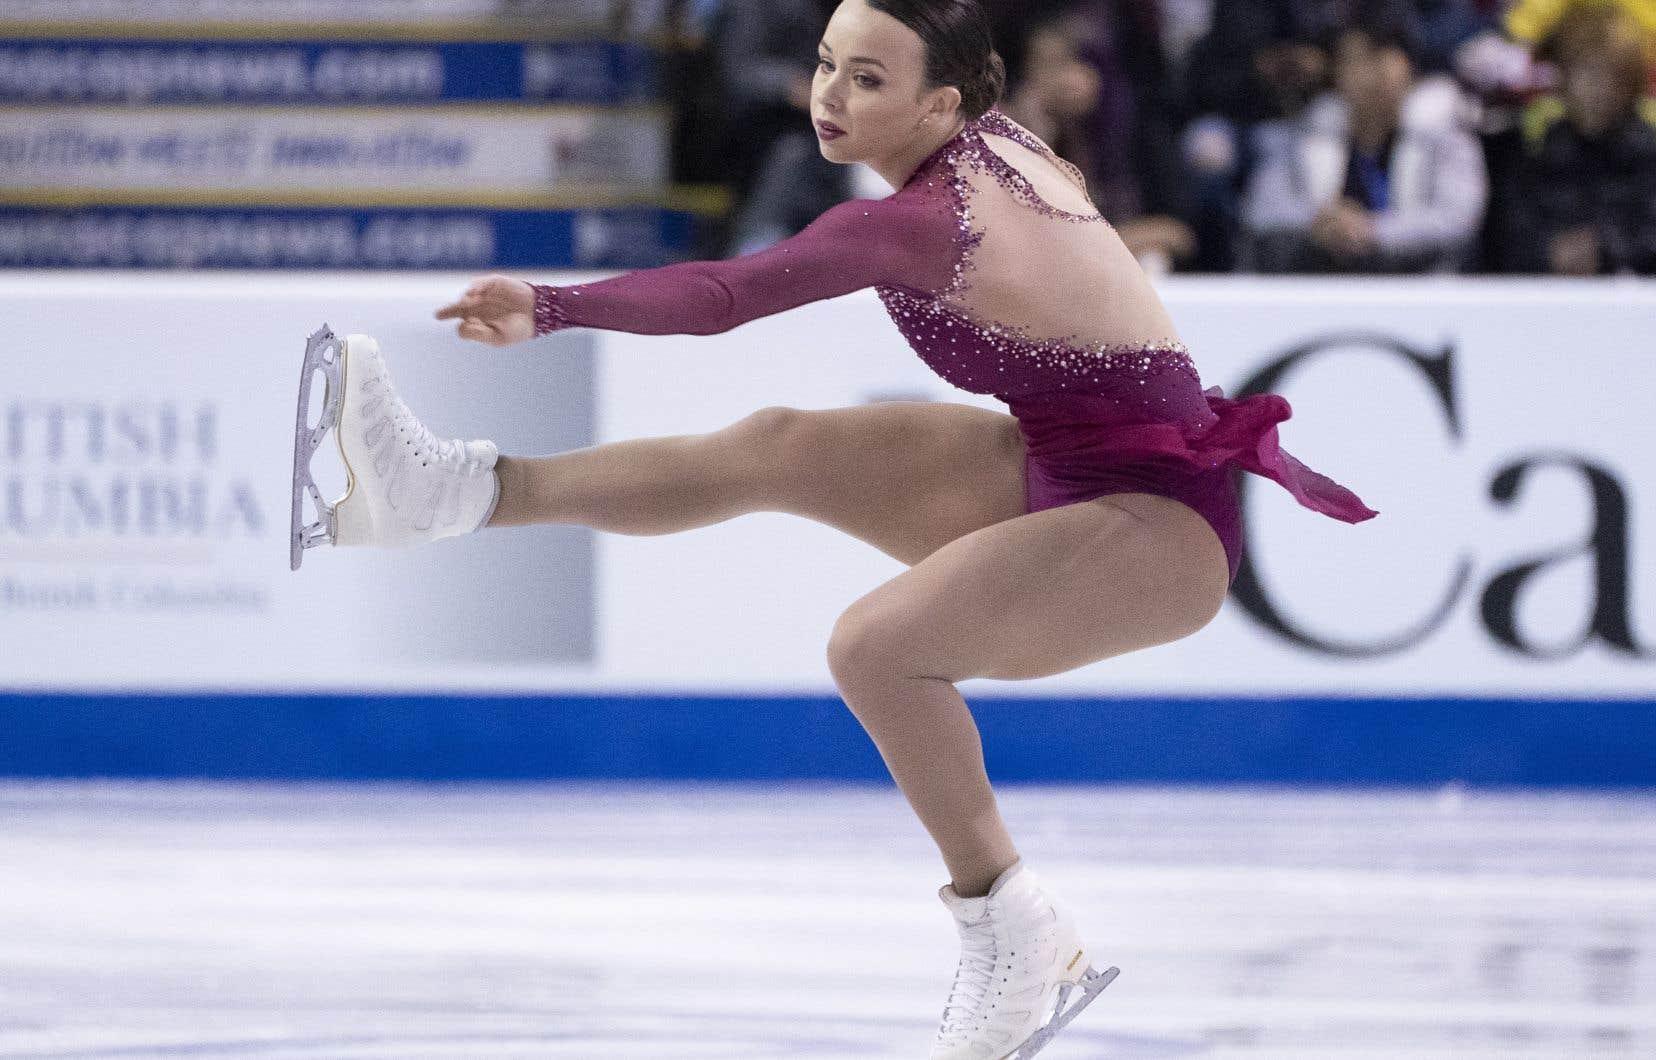 Alicia Pineault, jeune patineuse de 20 ans, participera à ses premiers Mondiaux.